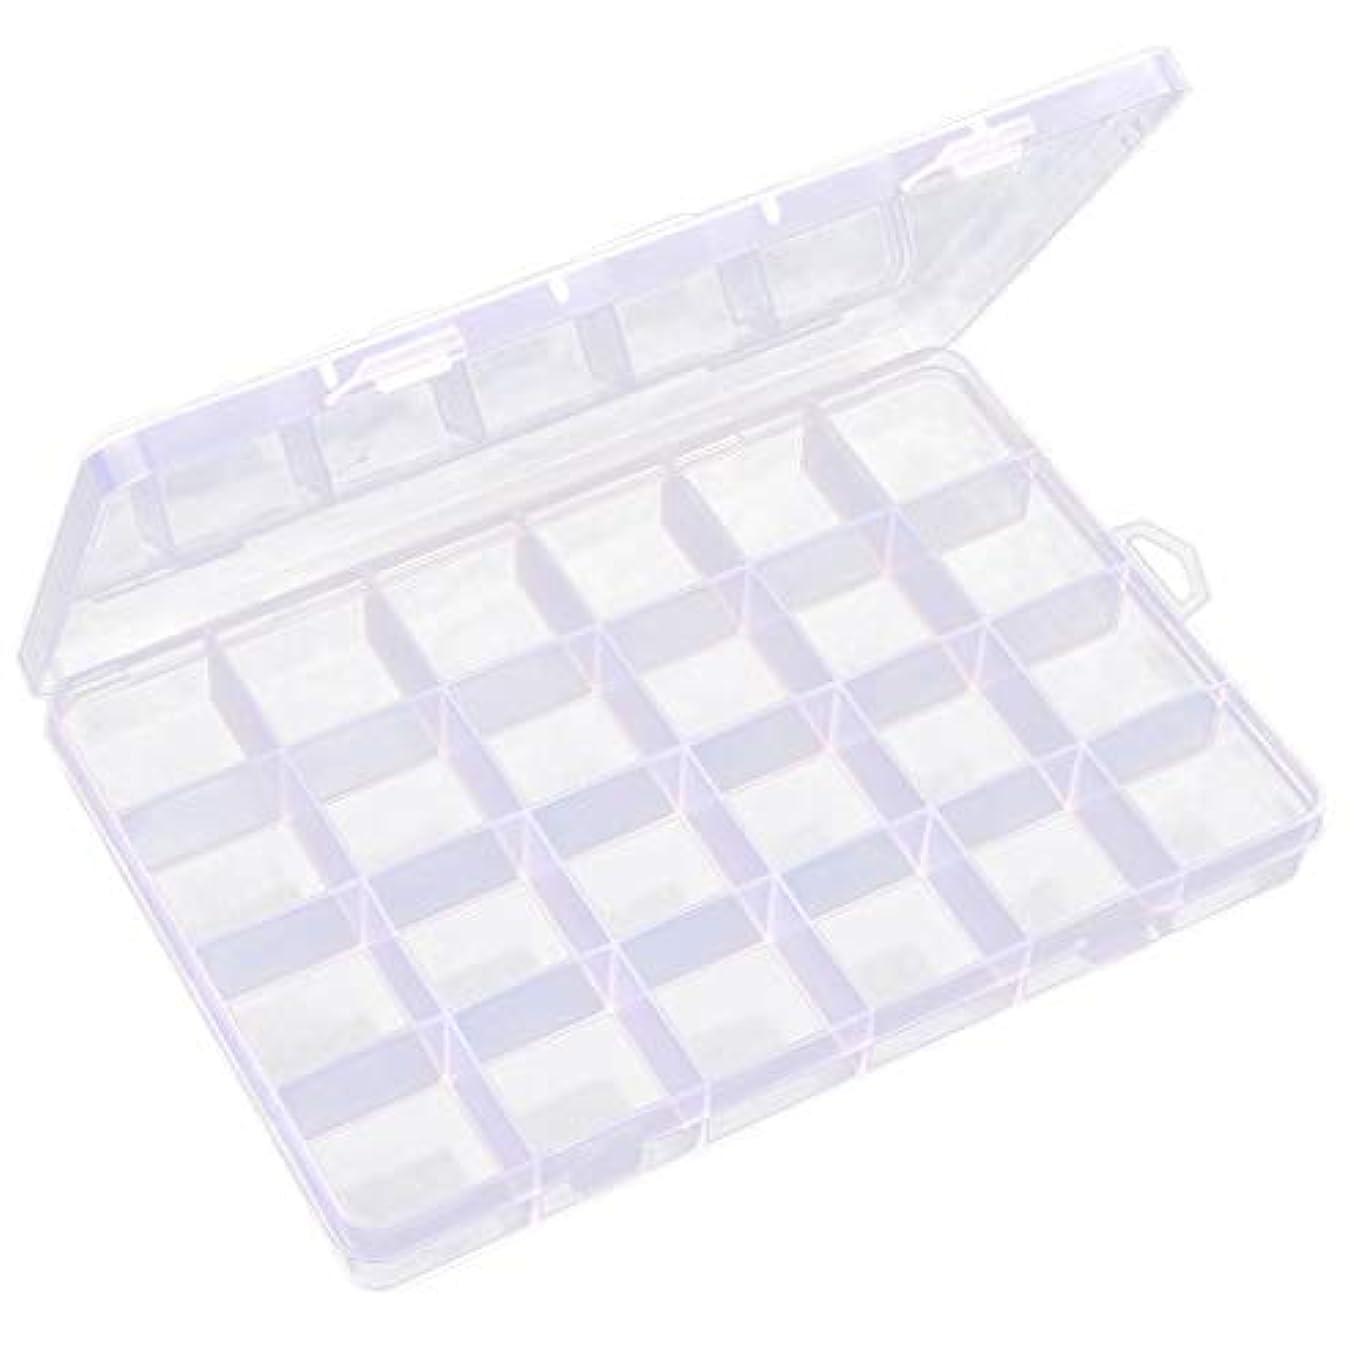 ランクコンパイル演じる透明 ジュエリーボックス ネイルアートケース ビーズ 宝石 小物入れ 収納ボックス 24区画 多機能